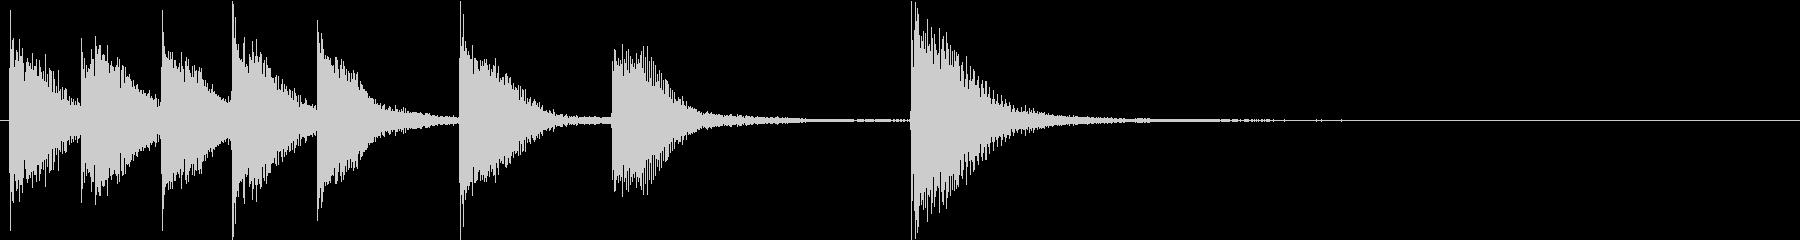 ピアノジングル 幼児向けアニメ系G-01の未再生の波形